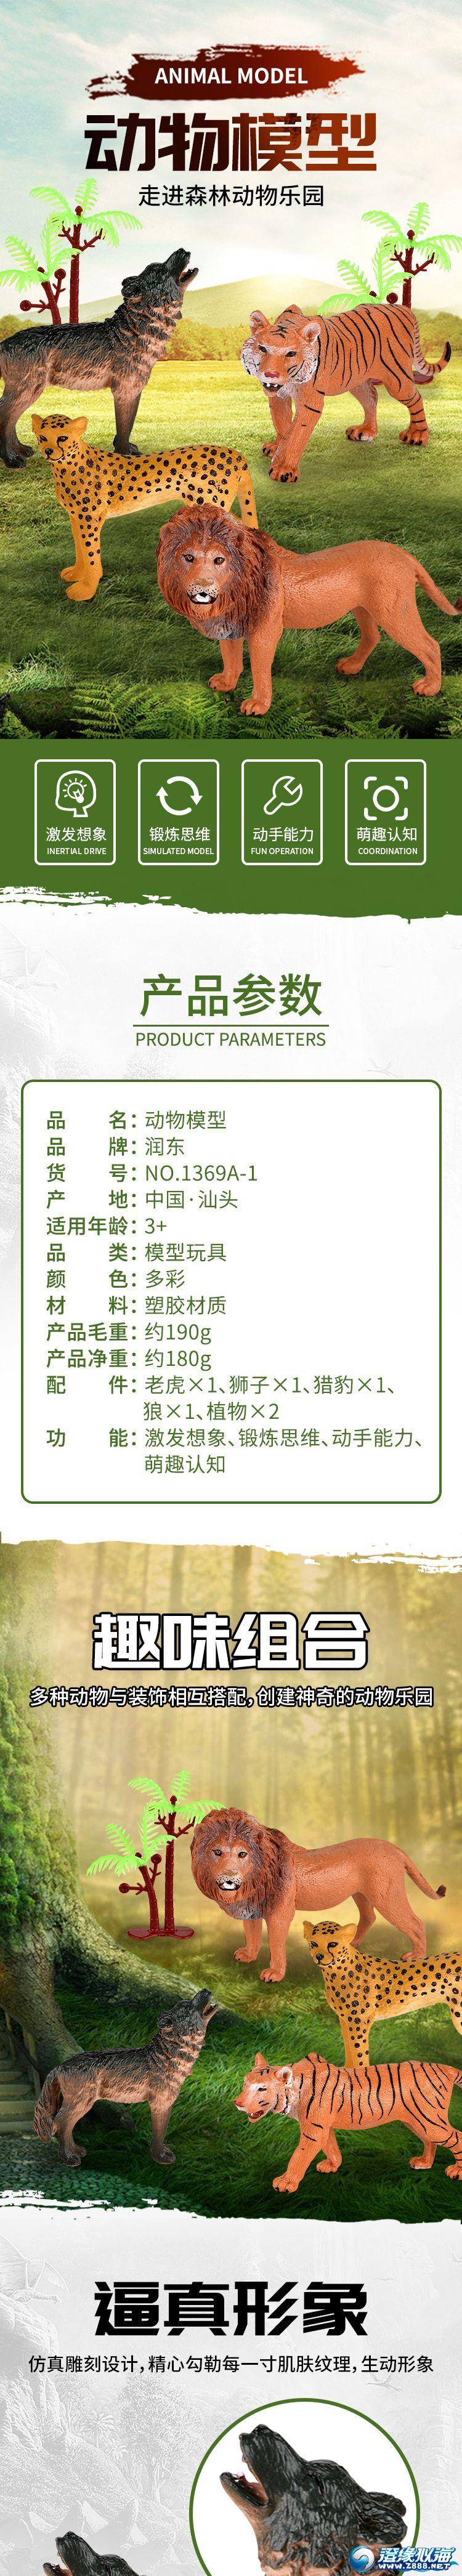 润东玩具厂-(1369A-1)-动物模型-中文版详情页_01.jpg